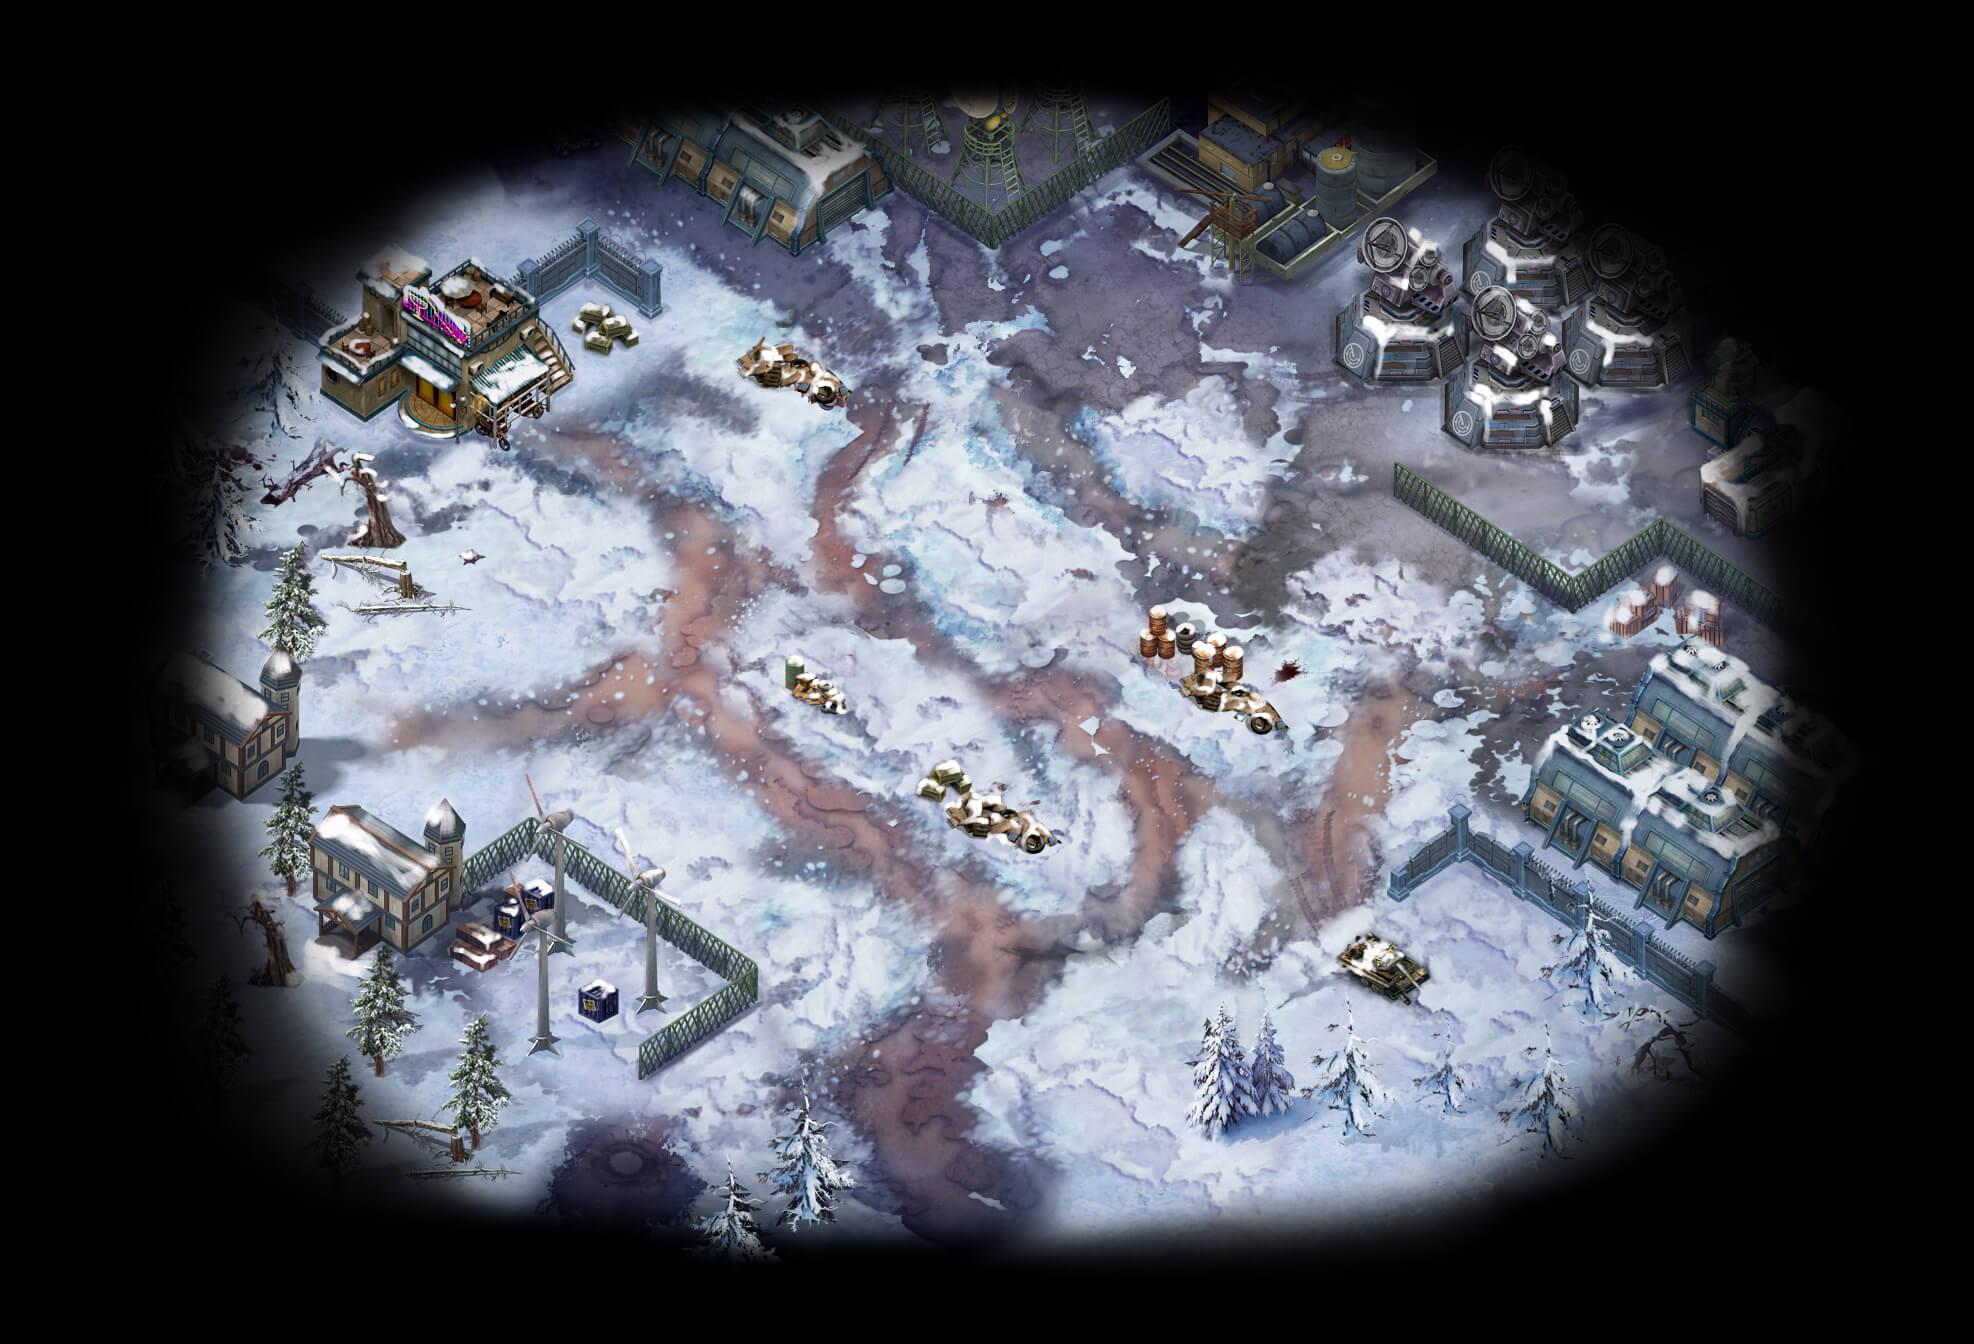 《特种突击》游戏截图